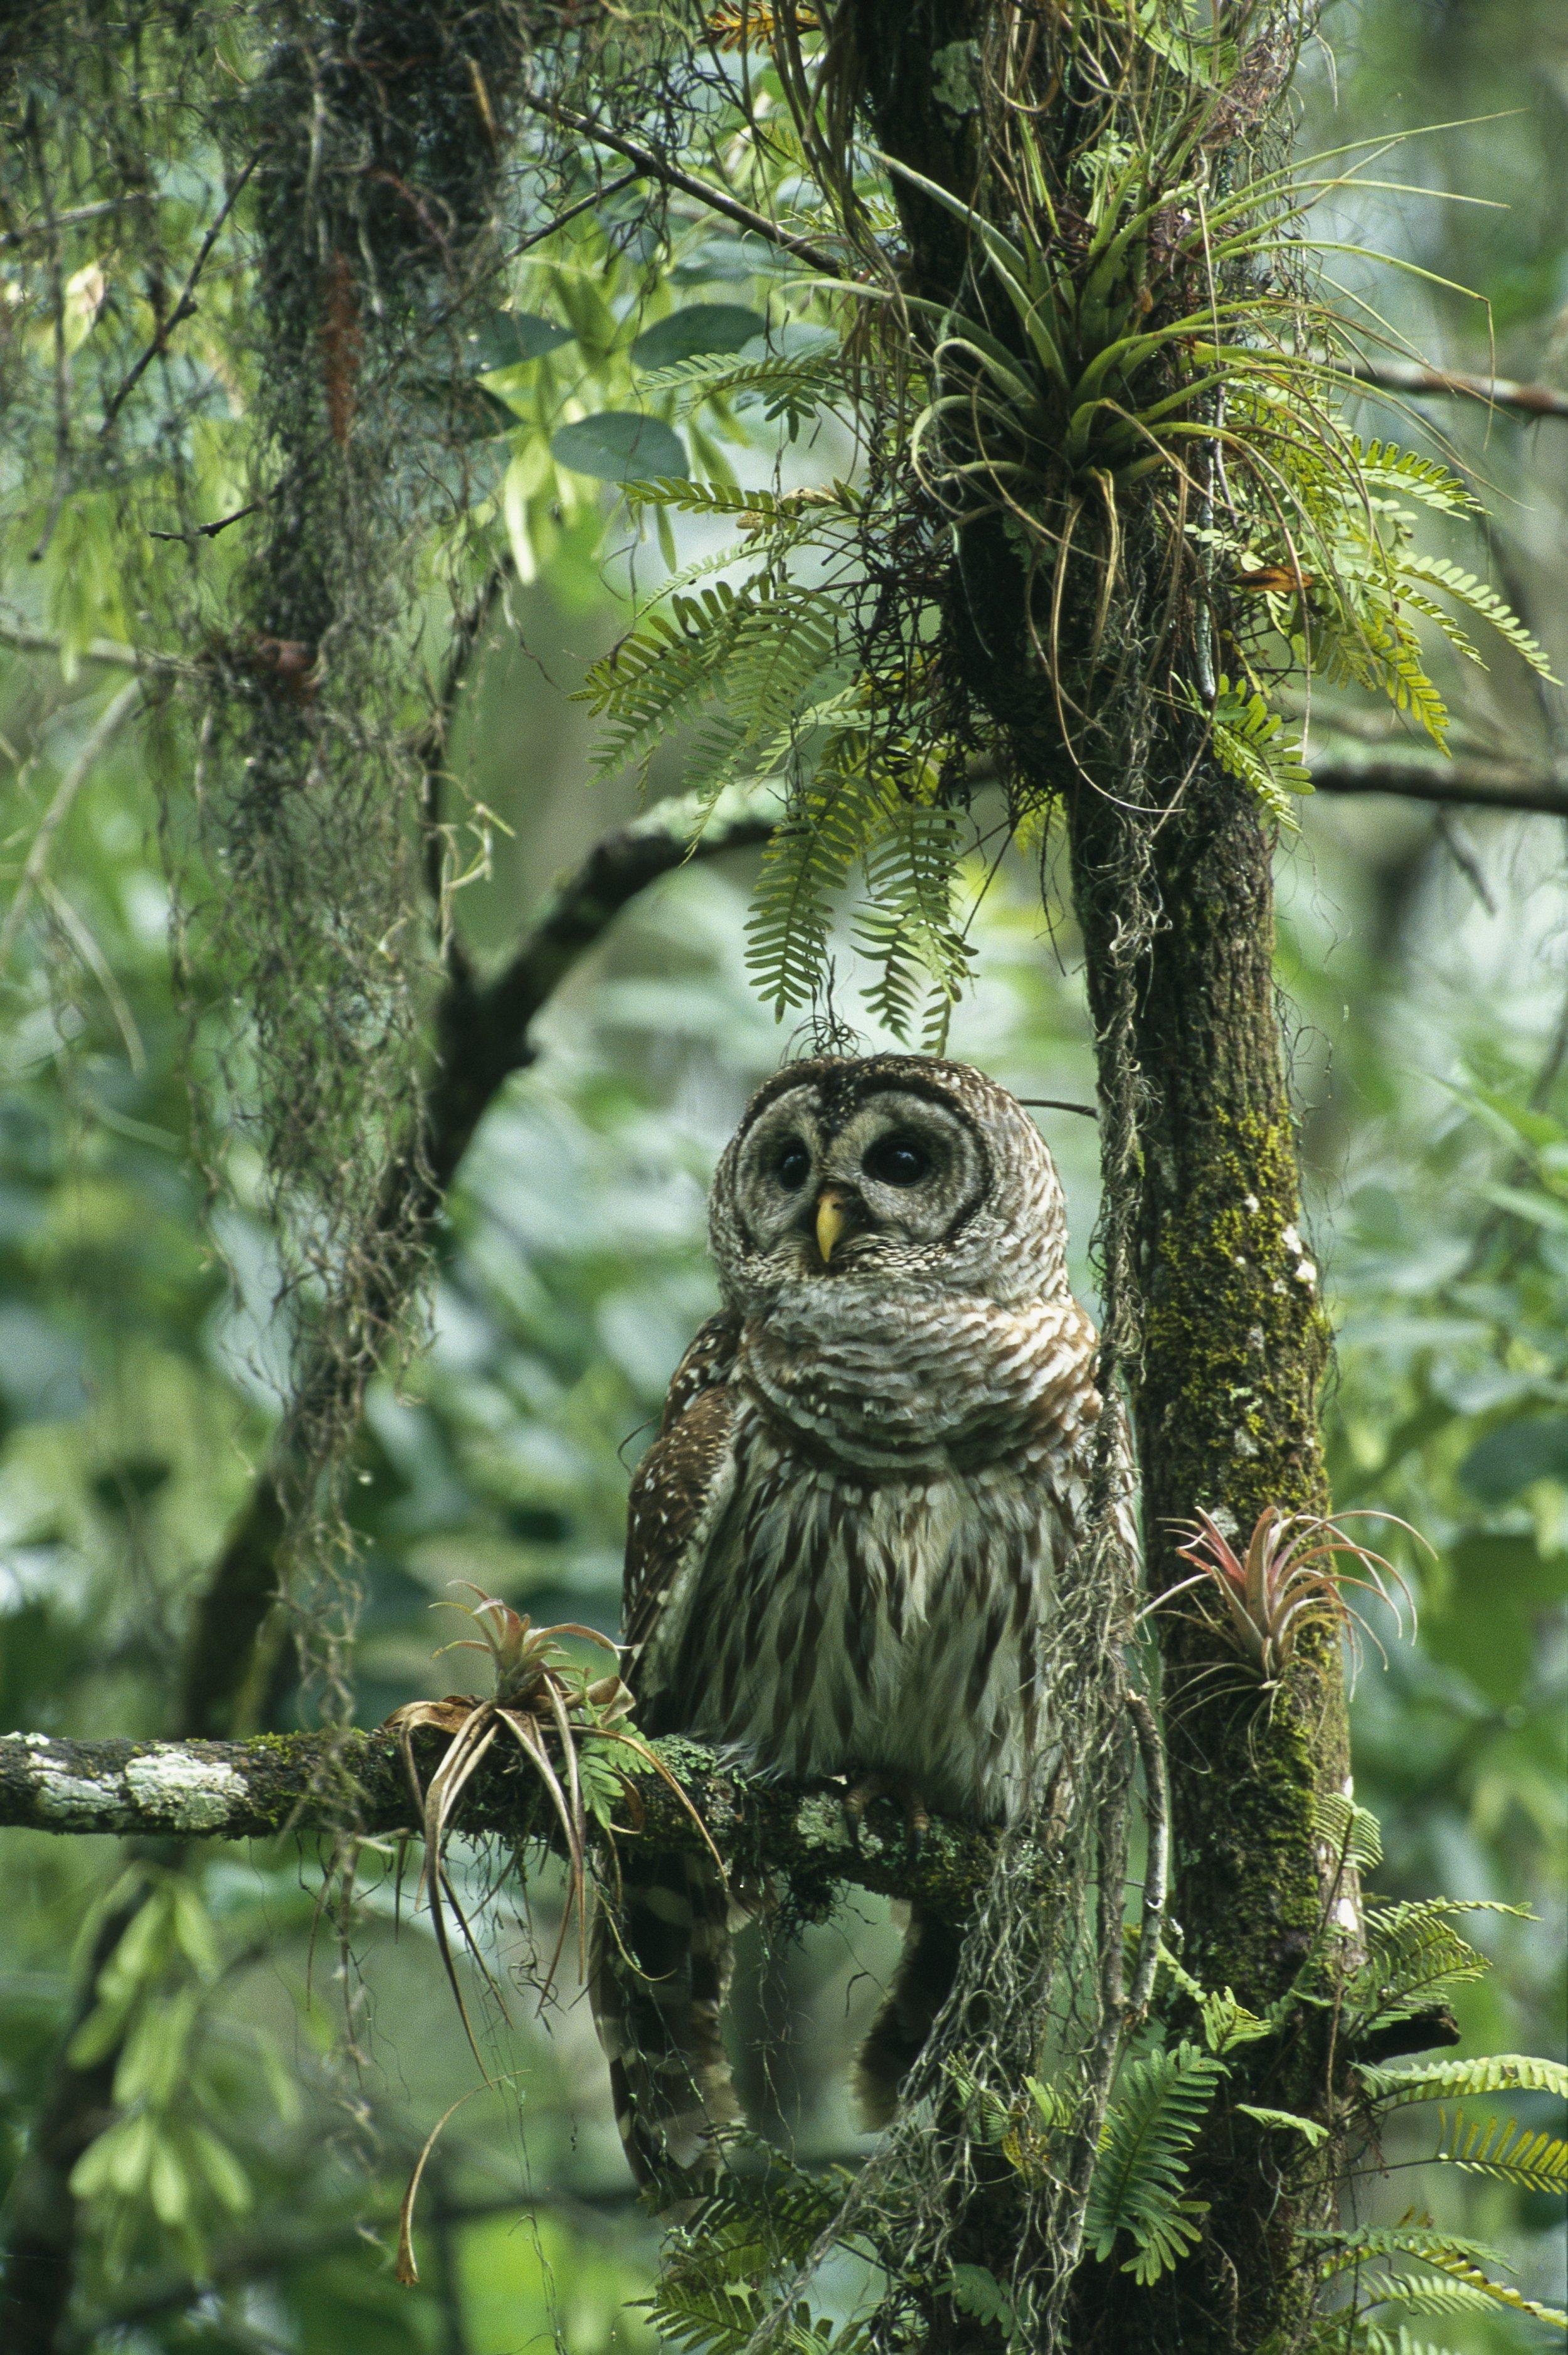 05_22_Owls_02